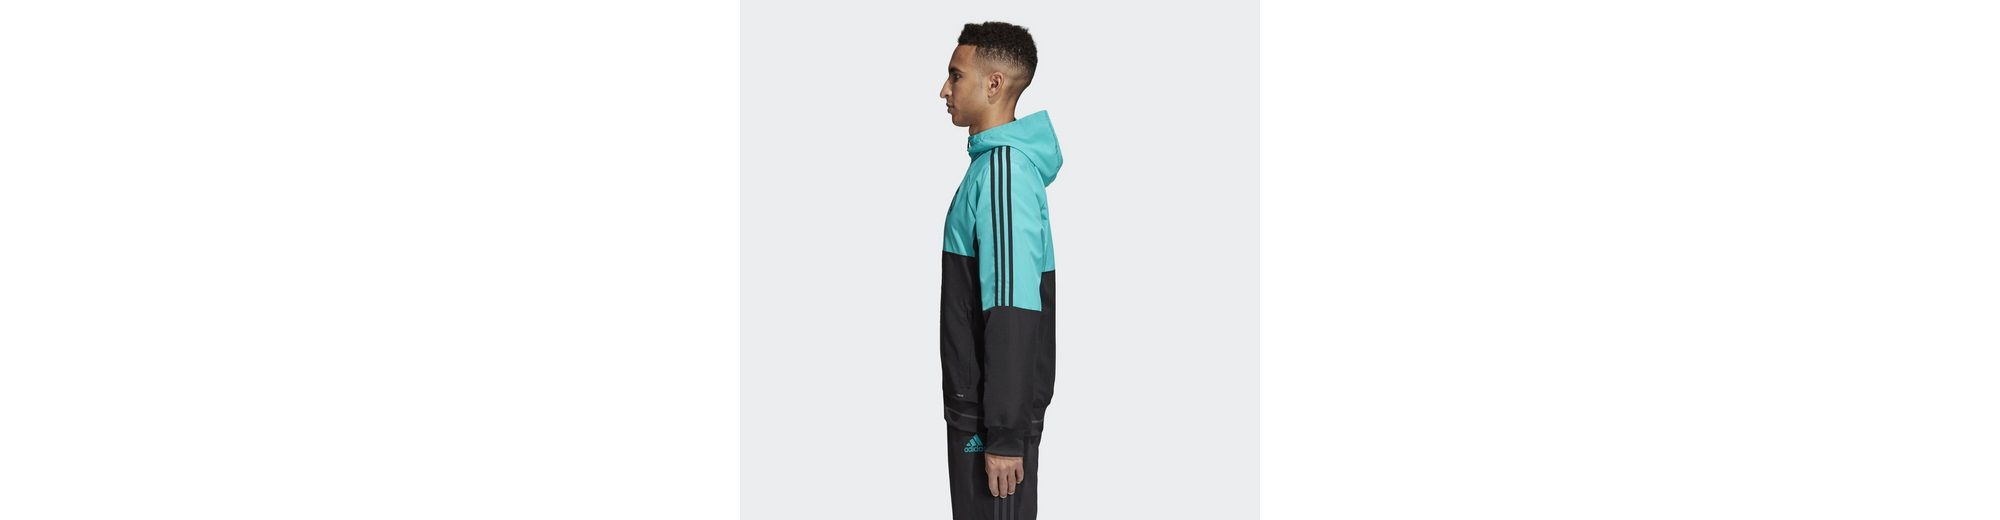 adidas Performance Funktions-Kapuzensweatjacke Real Madrid Jacke Bekommt Einen Rabatt Zu Kaufen Freies Verschiffen Footaction Neueste Online-Verkauf Breite Palette Von Online-Verkauf ffSYYl6C